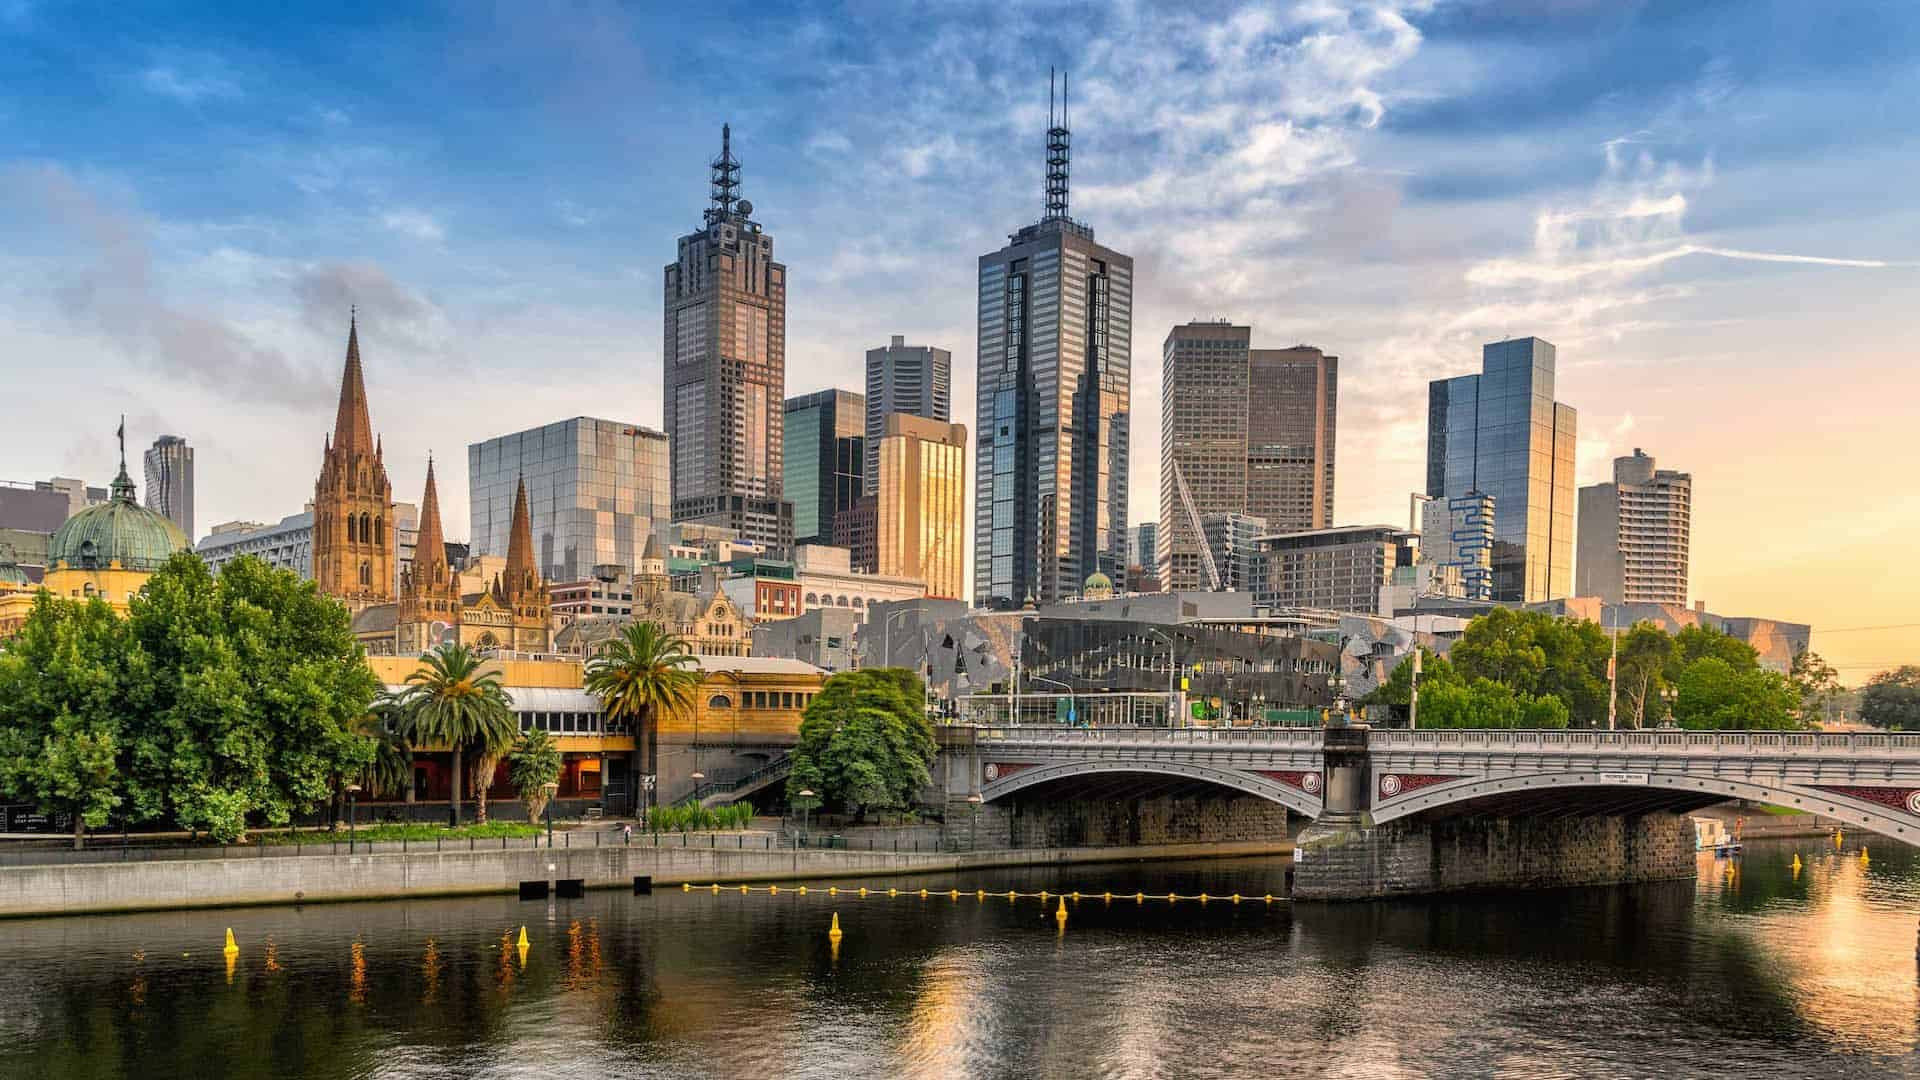 Meet with Helen & Darren in Melbourne